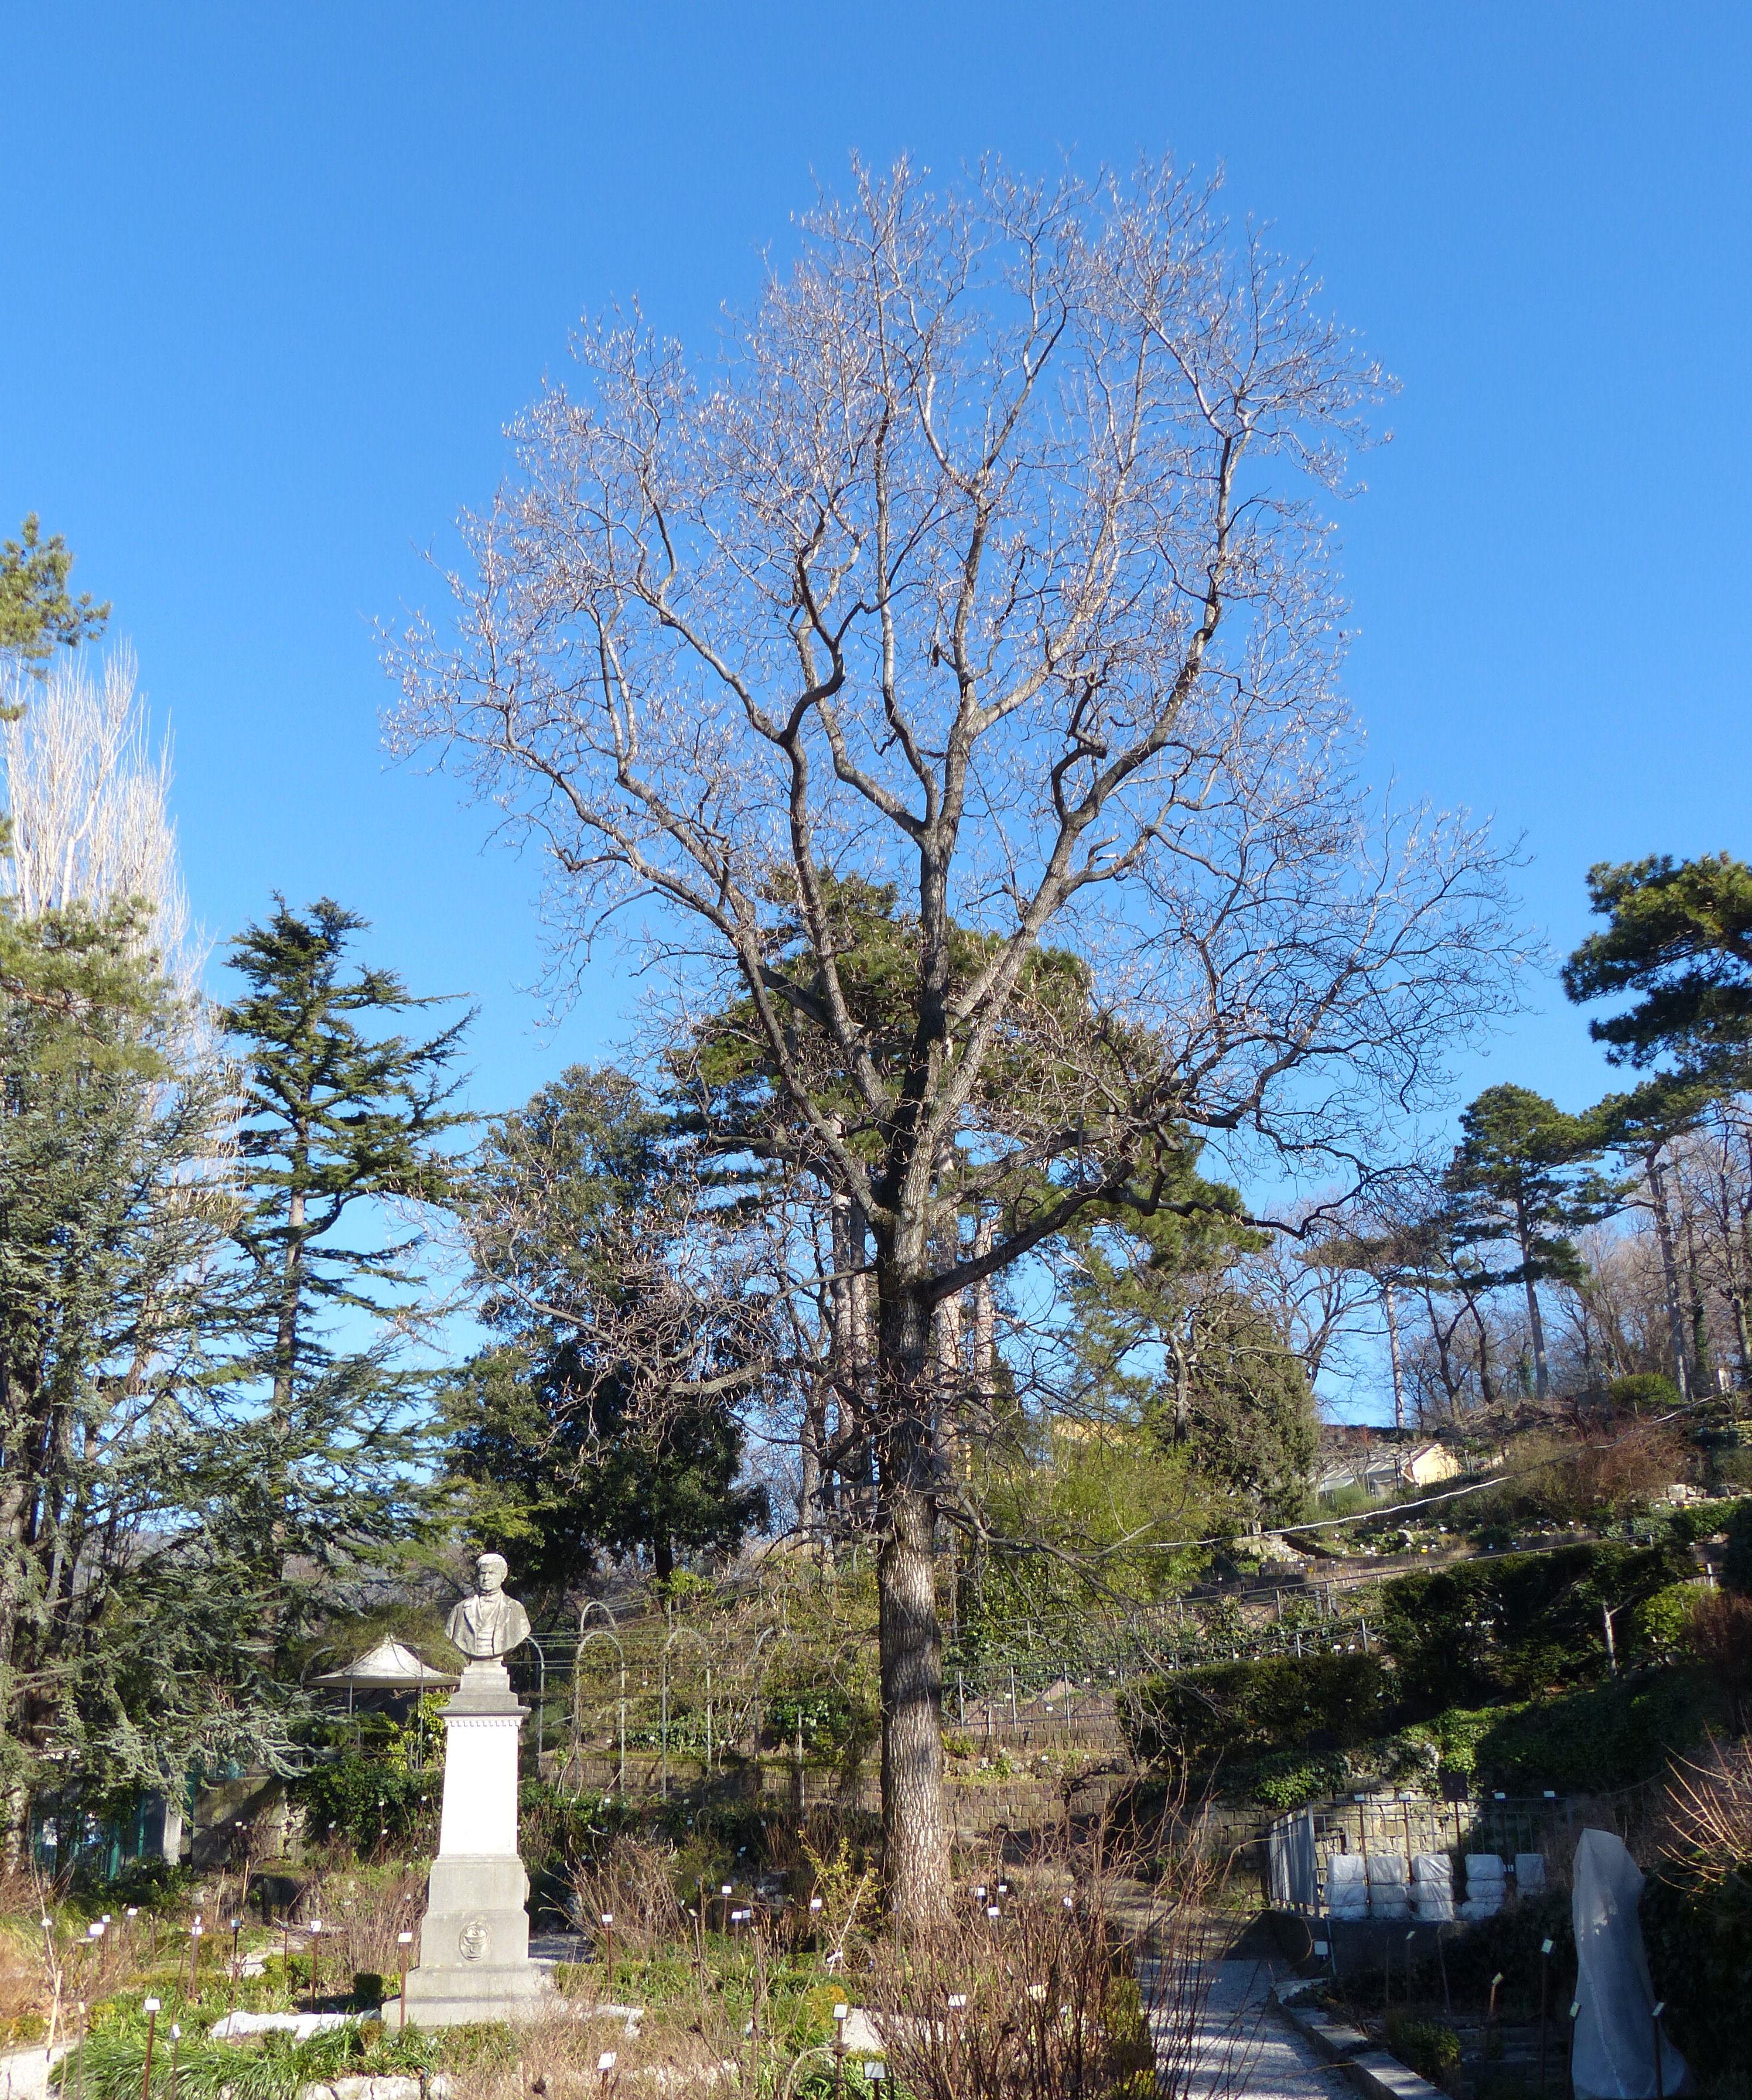 © Dipartimento di Scienze della Vita, Università di Trieste<br>by Andrea Moro<br>Comune di Trieste, Civico Orto Botanico, TS, Friuli Venezia Giulia, Italia, 15/02/2017<br>Distributed under CC-BY-SA 4.0 license.